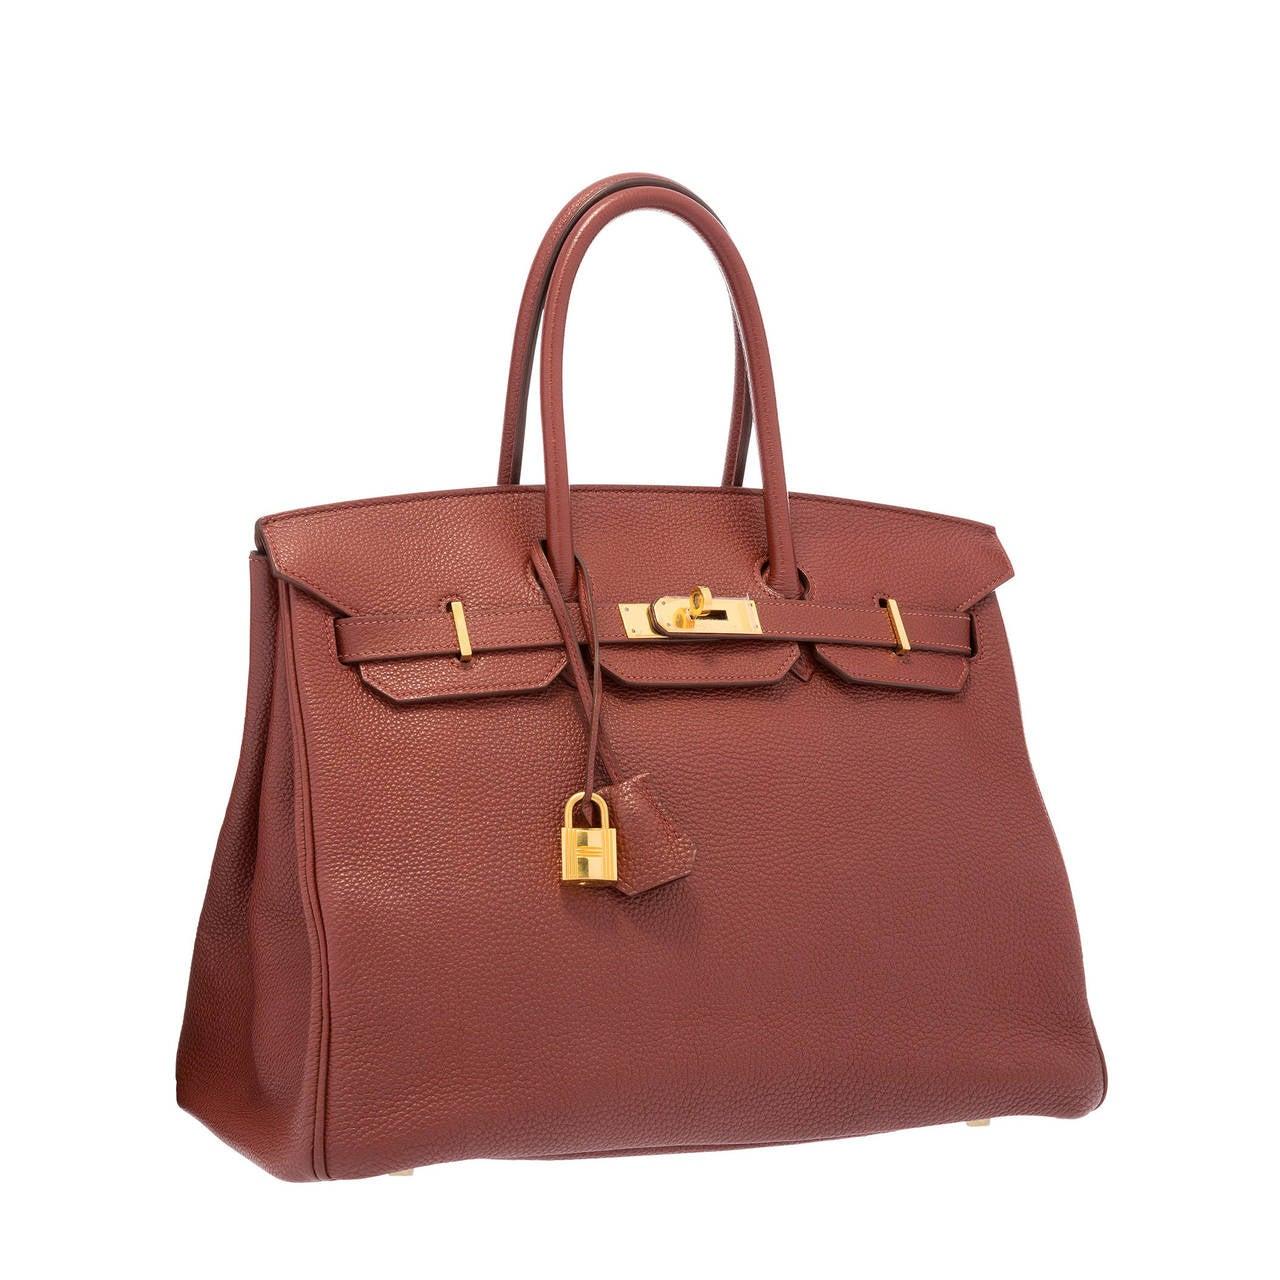 Hermes 35cm Sienne Togo Leather Birkin Bag with Gold Hardware at ...